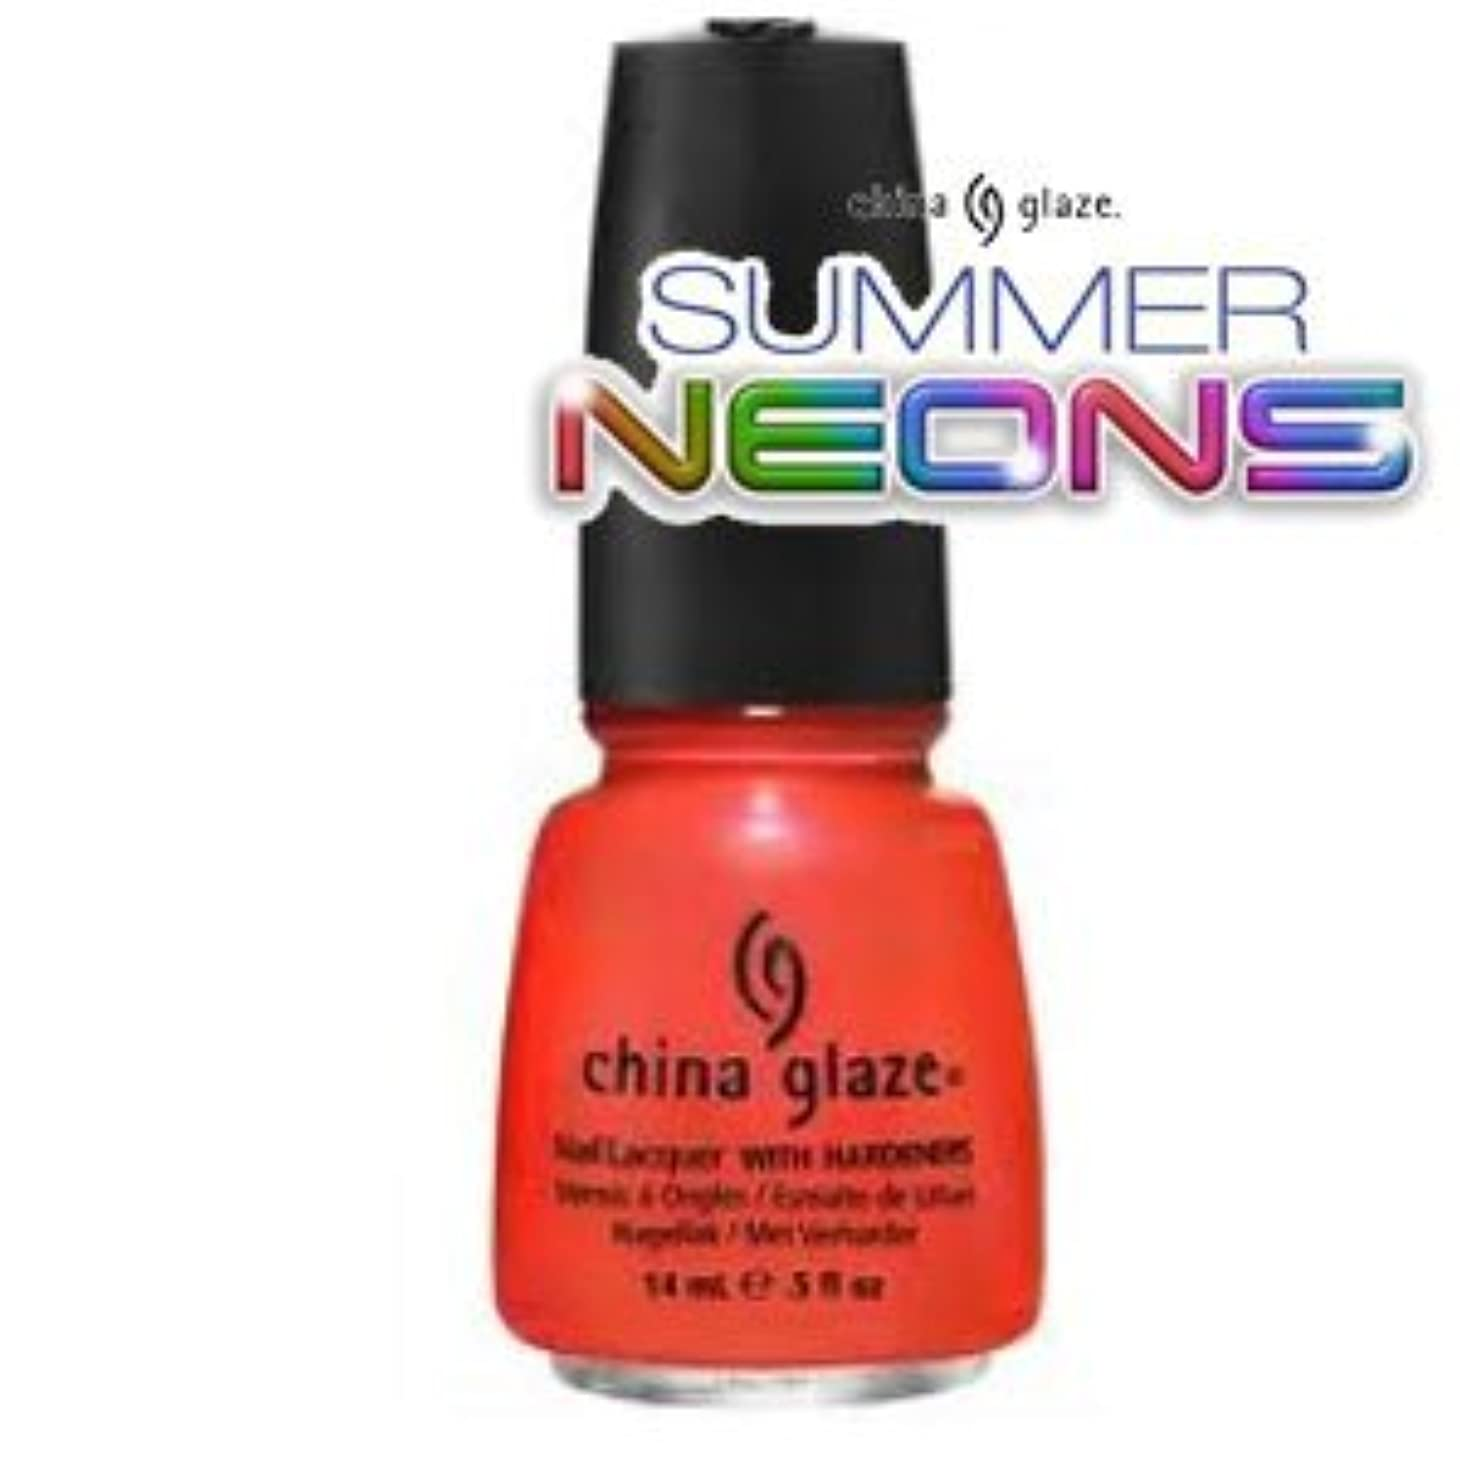 報奨金鋭くバレエ(チャイナグレイズ)China Glaze Surfin ' For Boysーサマーネオン コレクション [海外直送品][並行輸入品]